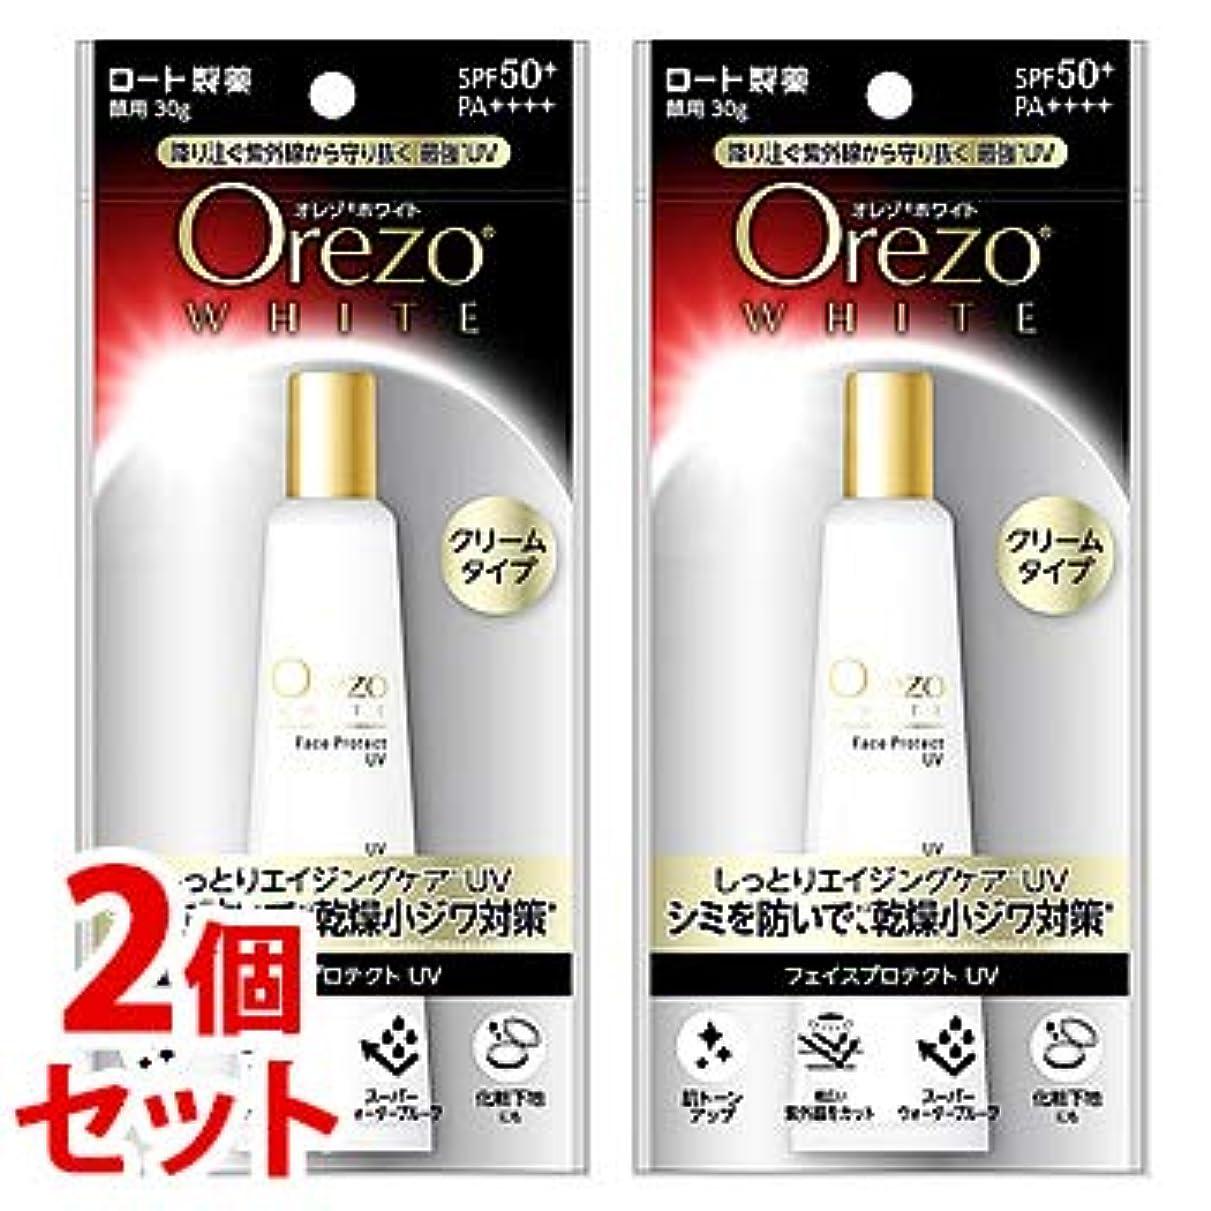 東部スキーム評価する《セット販売》 ロート製薬 Orezo オレゾ ホワイト フェイスプロテクトUV SPF50+ PA++++ (30g)×2個セット 顔用 日やけ止め 化粧下地 クリームタイプ